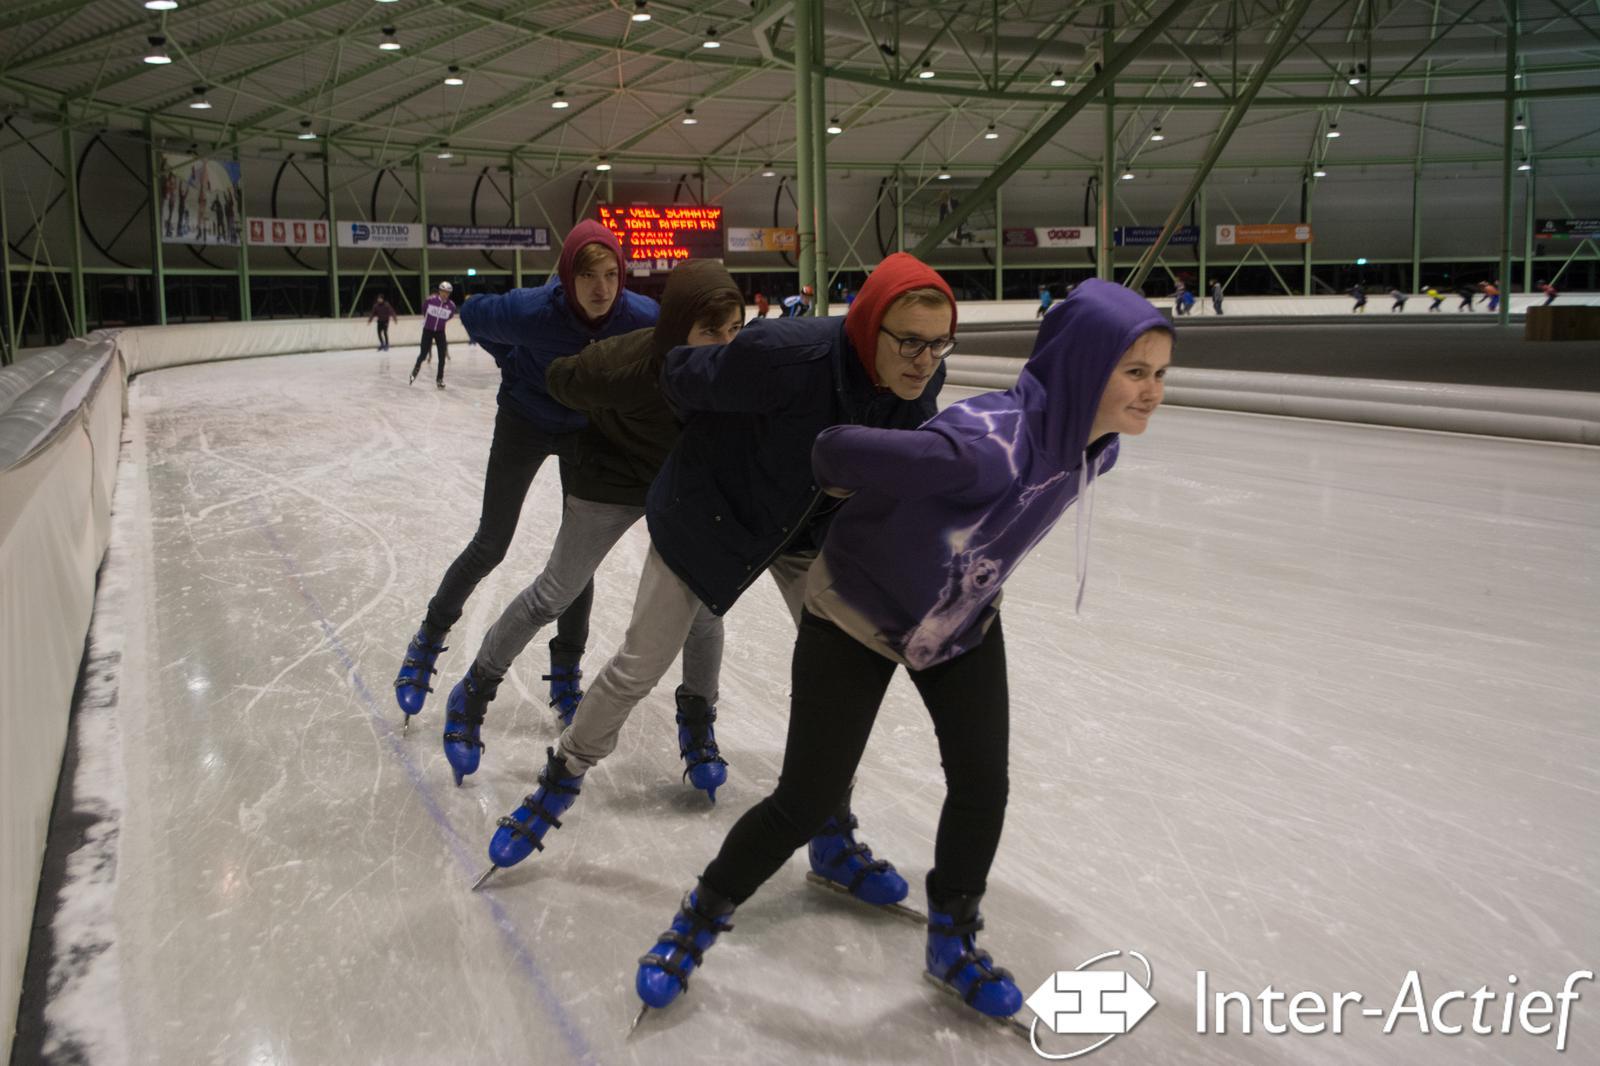 IceSkating20200116_NielsdeGroot-49.jpg